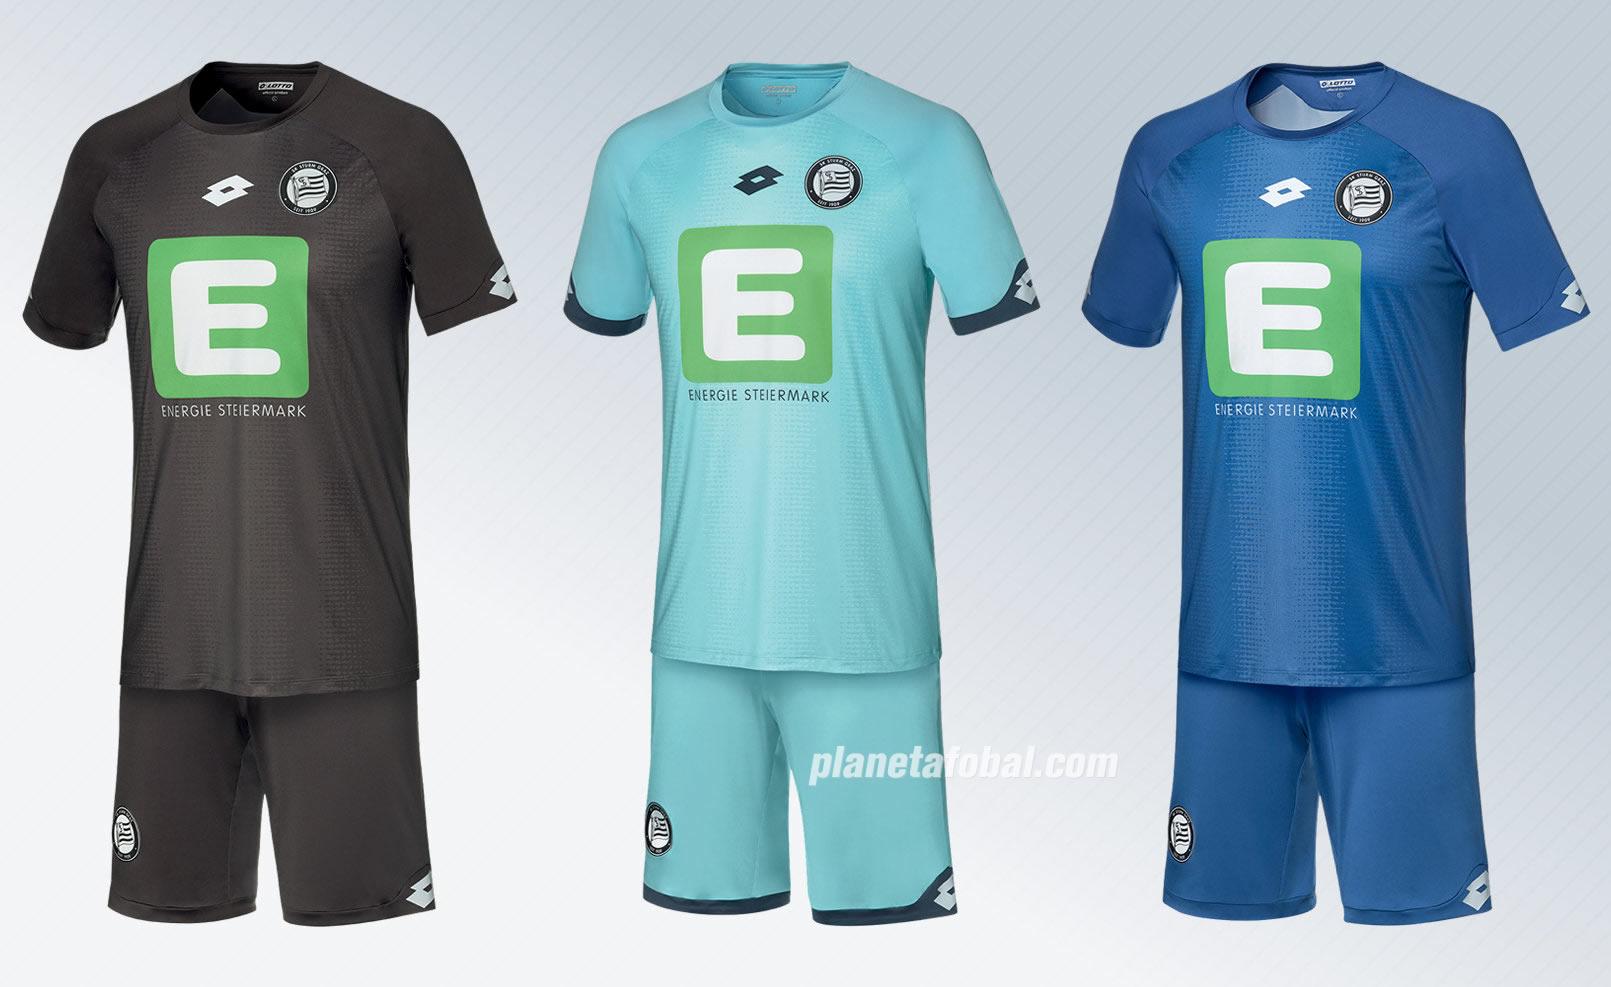 Camisetas de arquero Lotto del Sturm Graz 2018/19   Imagen Web Oficial